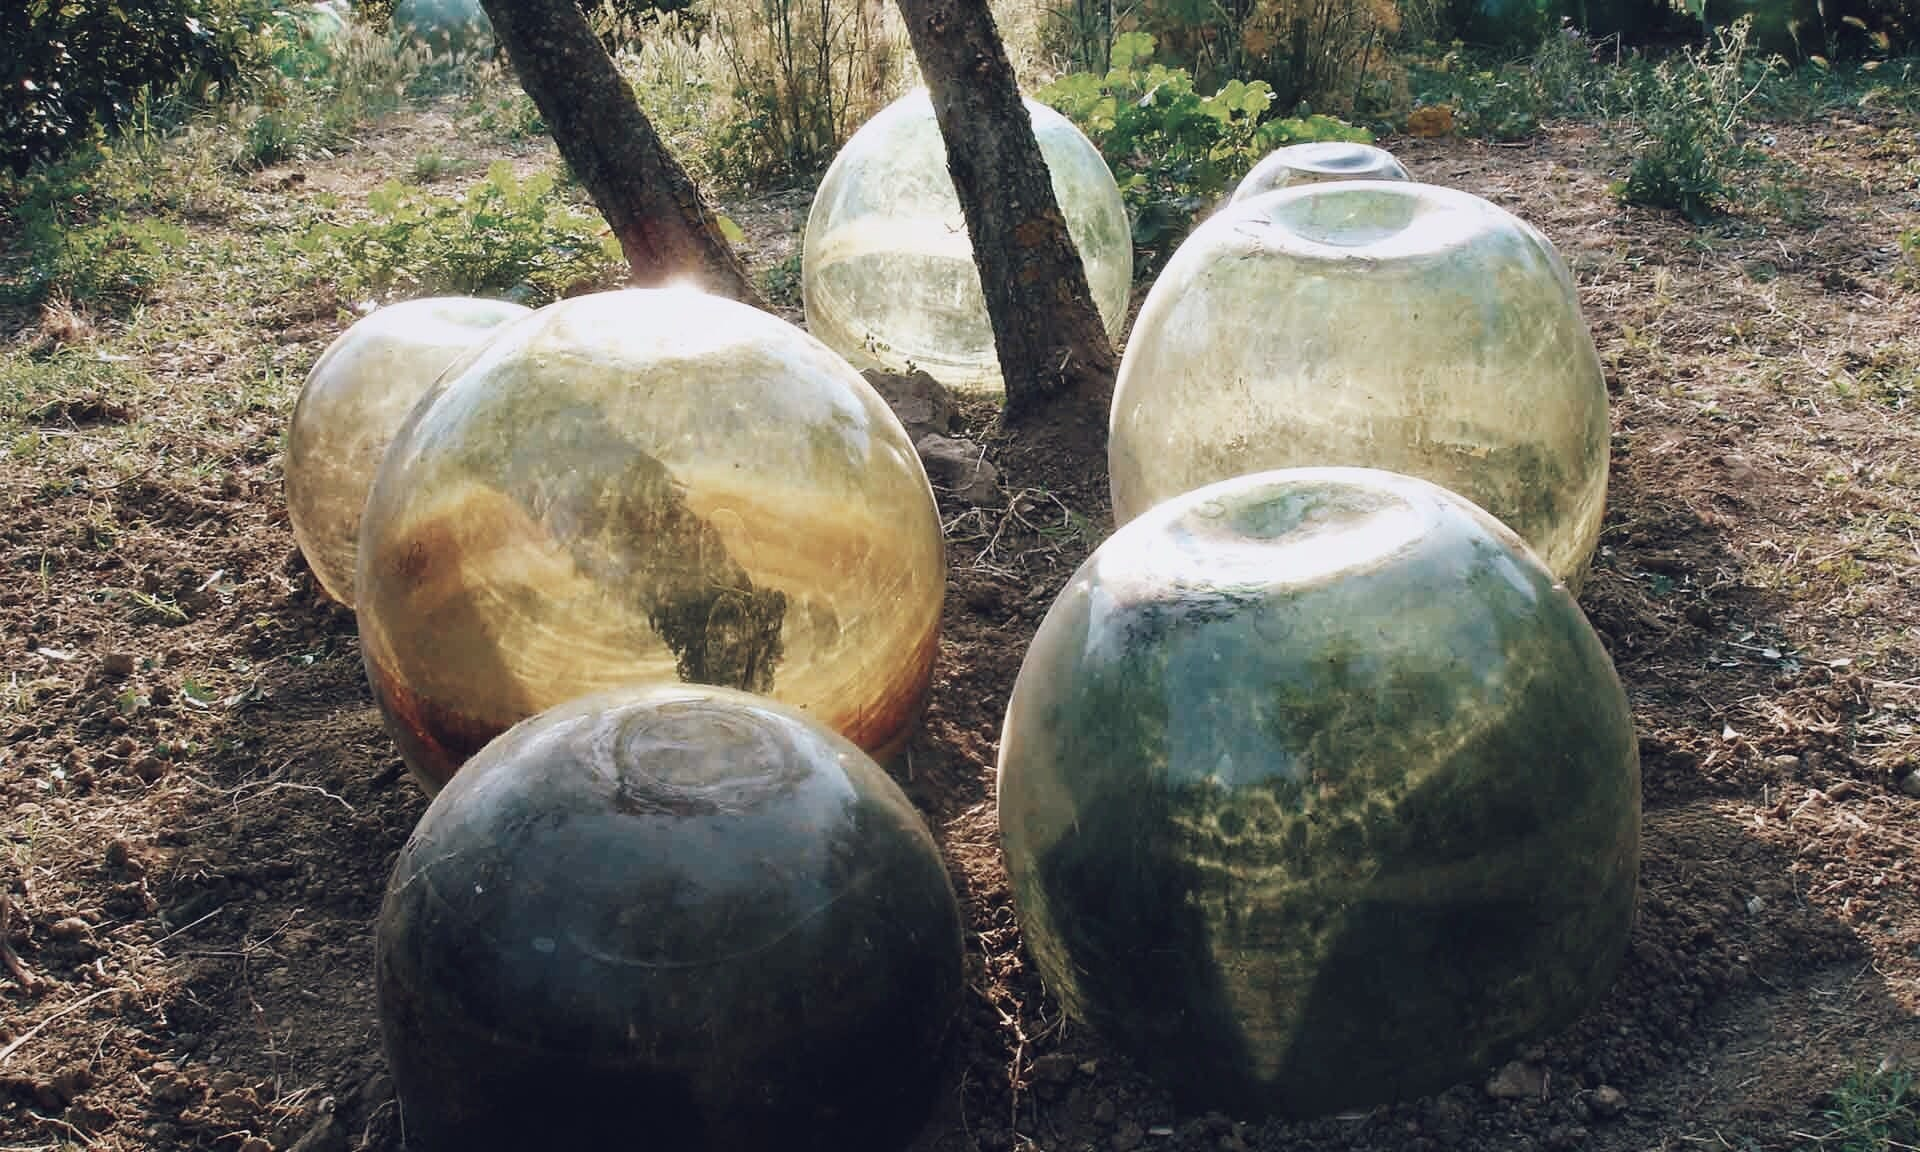 03_Nordscape_acceuil_jardin-bulle-verre-1